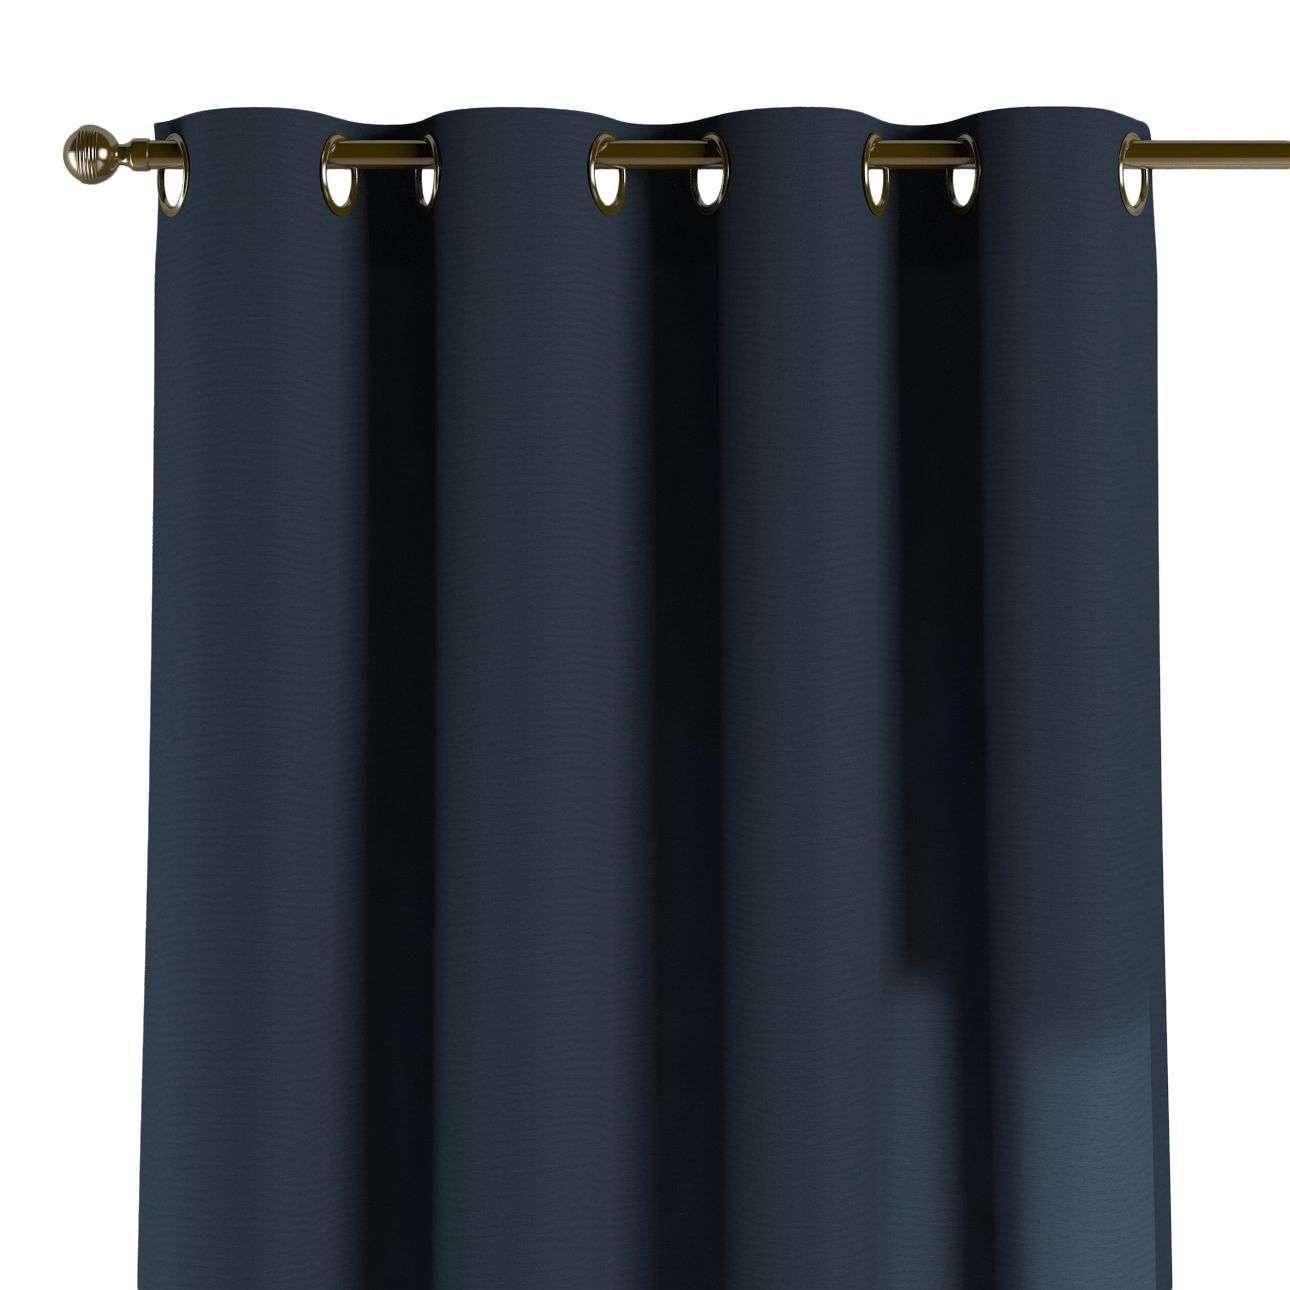 Závěs na kroužcích 130 x 260 cm v kolekci Quadro, látka: 136-04